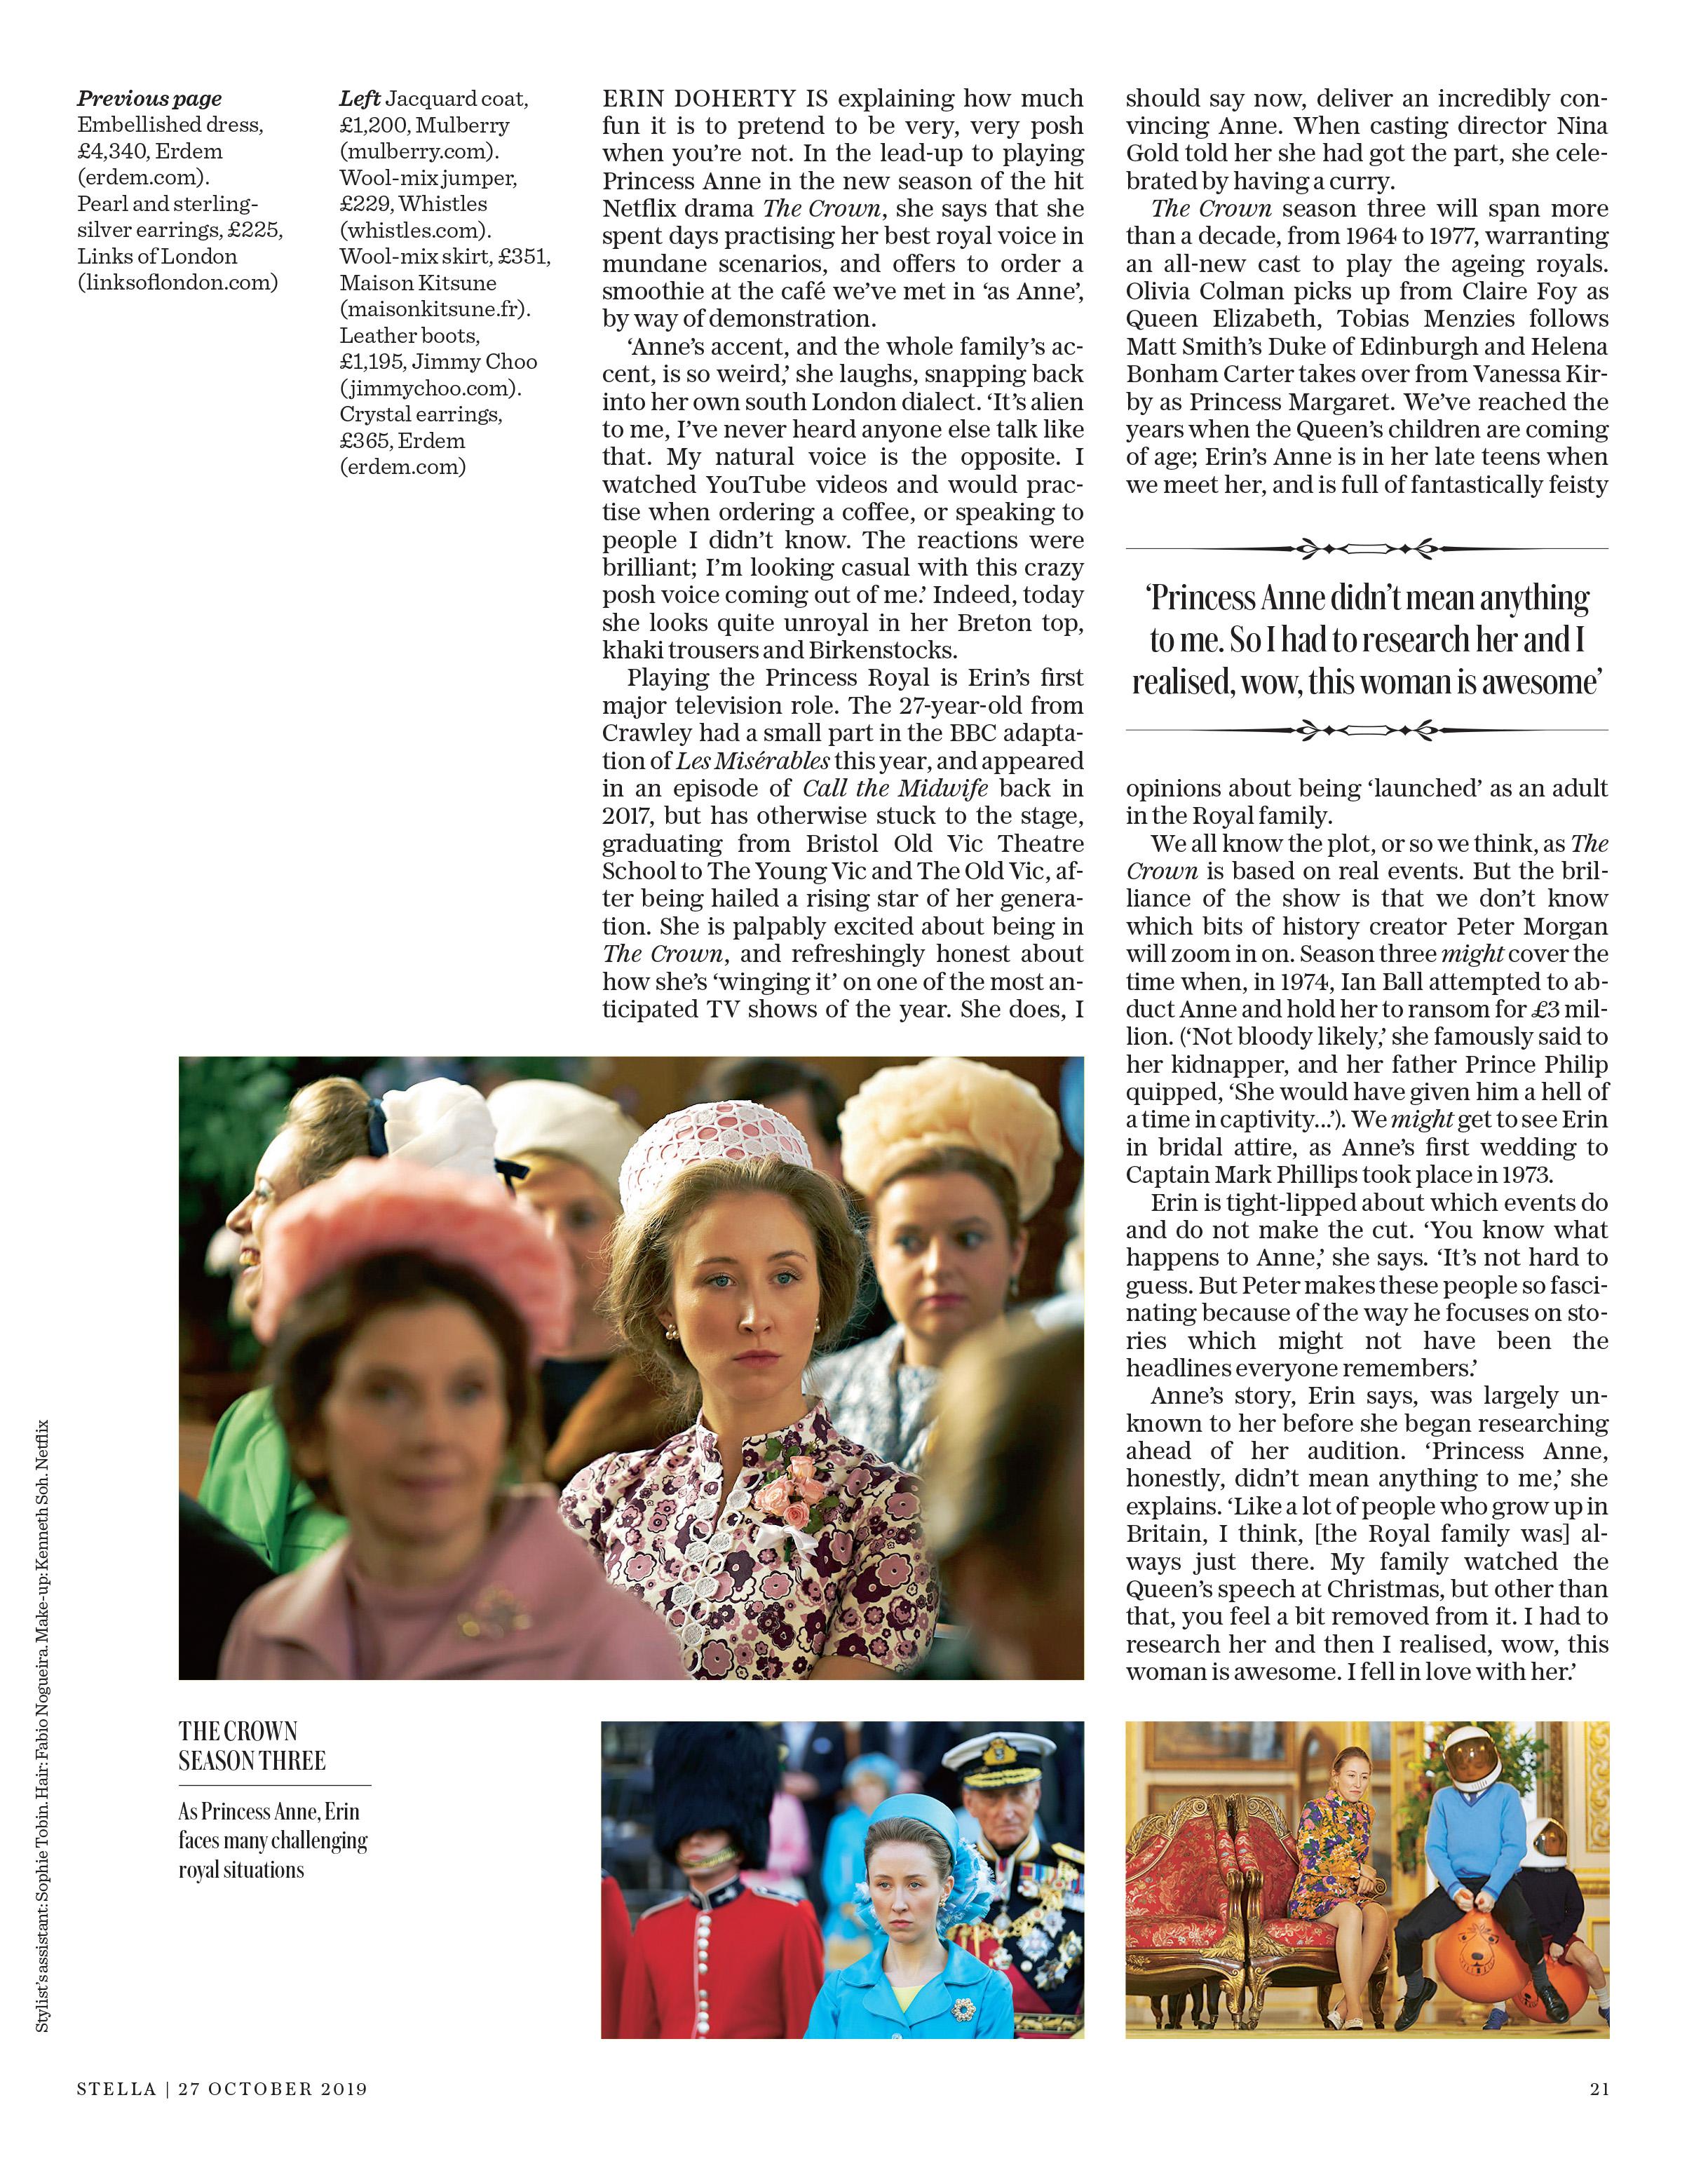 ERIN3Sunday Telegraph Magazine_27-10-2019_Main_1st_p21